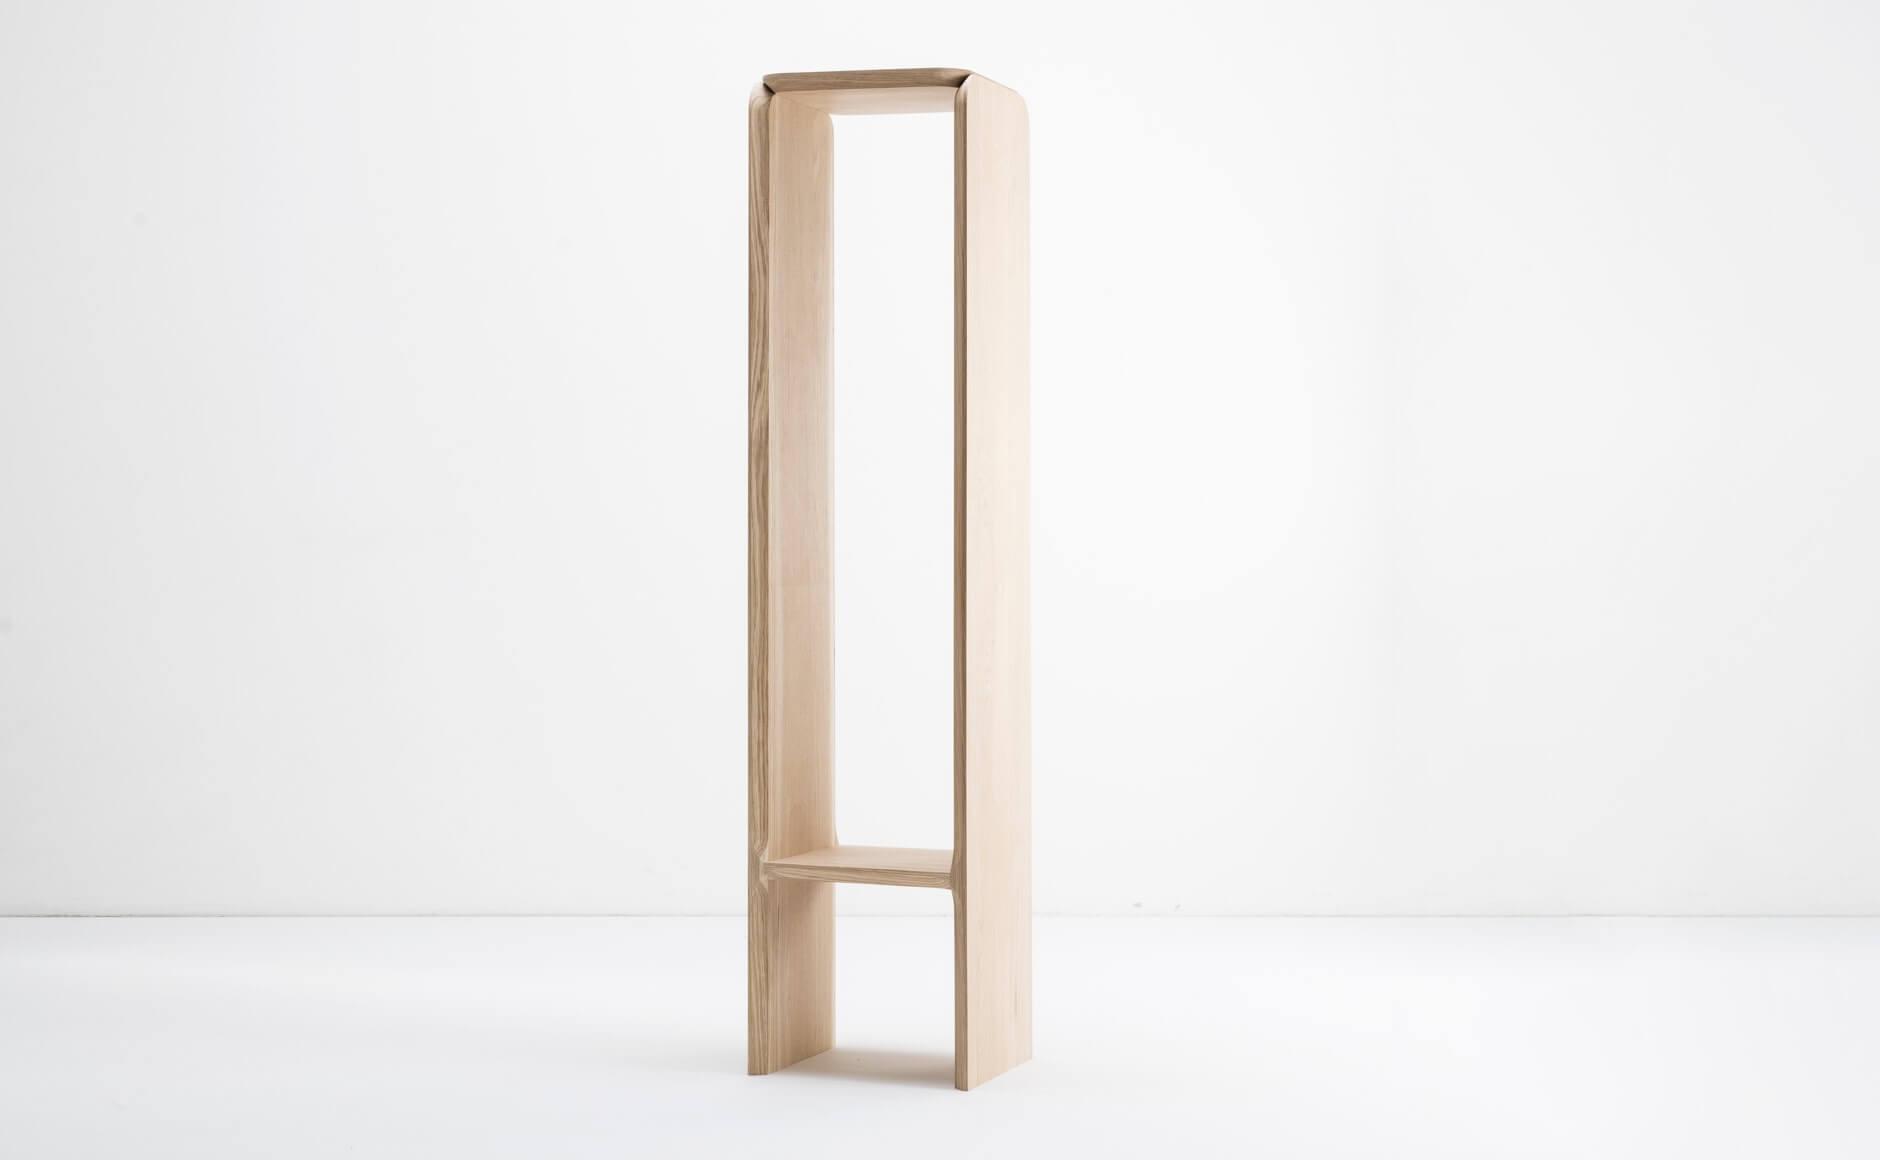 slide-4-piedestal-design-adrien-rovero